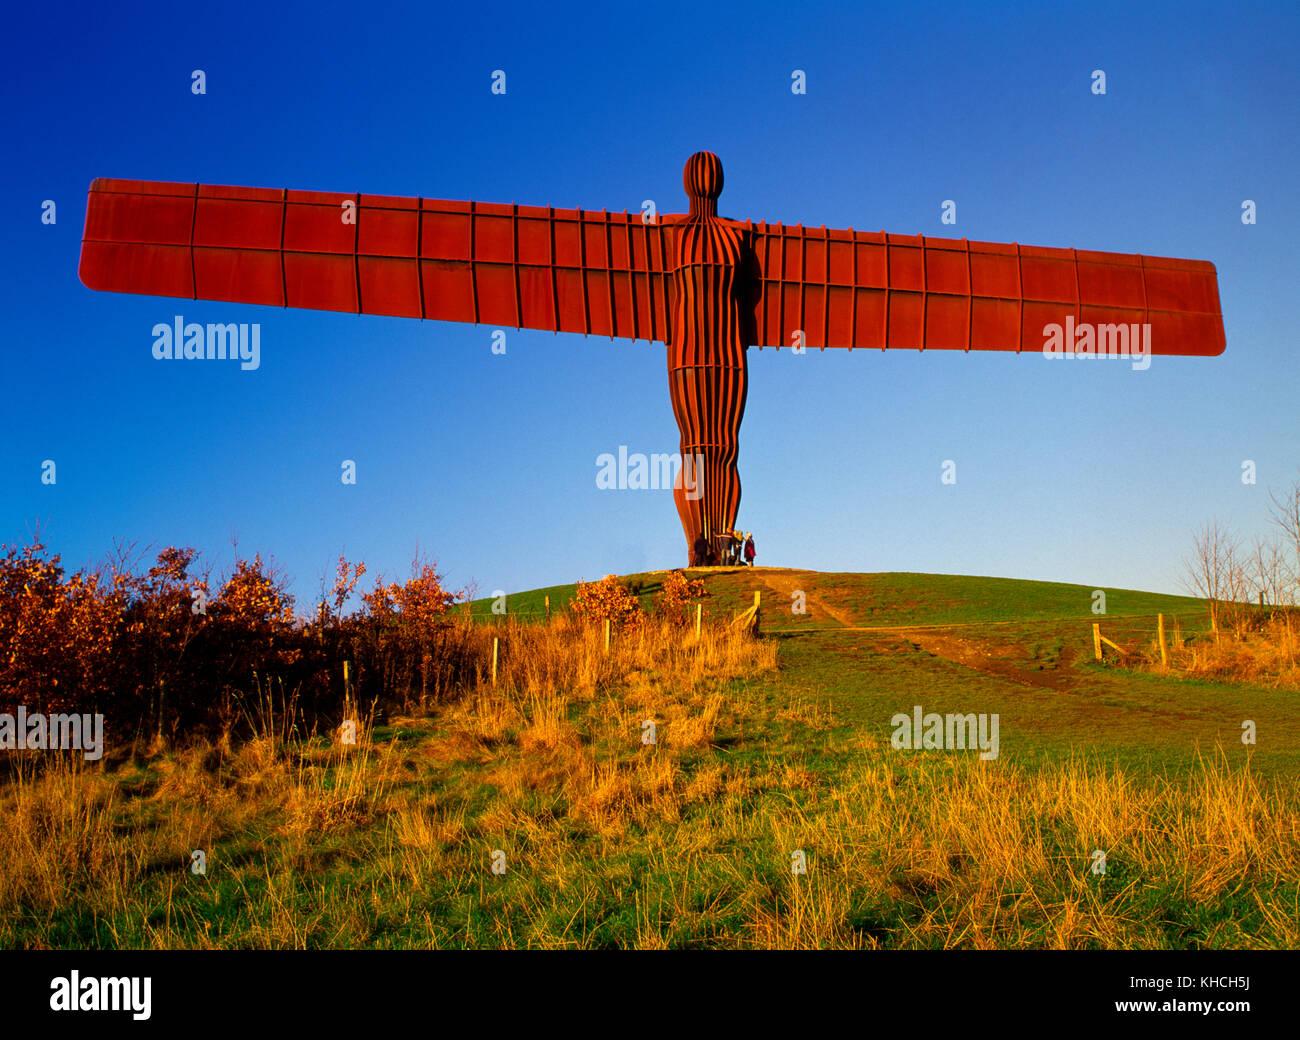 Engel des Nordens Statue, Gateshead, Tyne und Wear, England, Großbritannien Stockbild